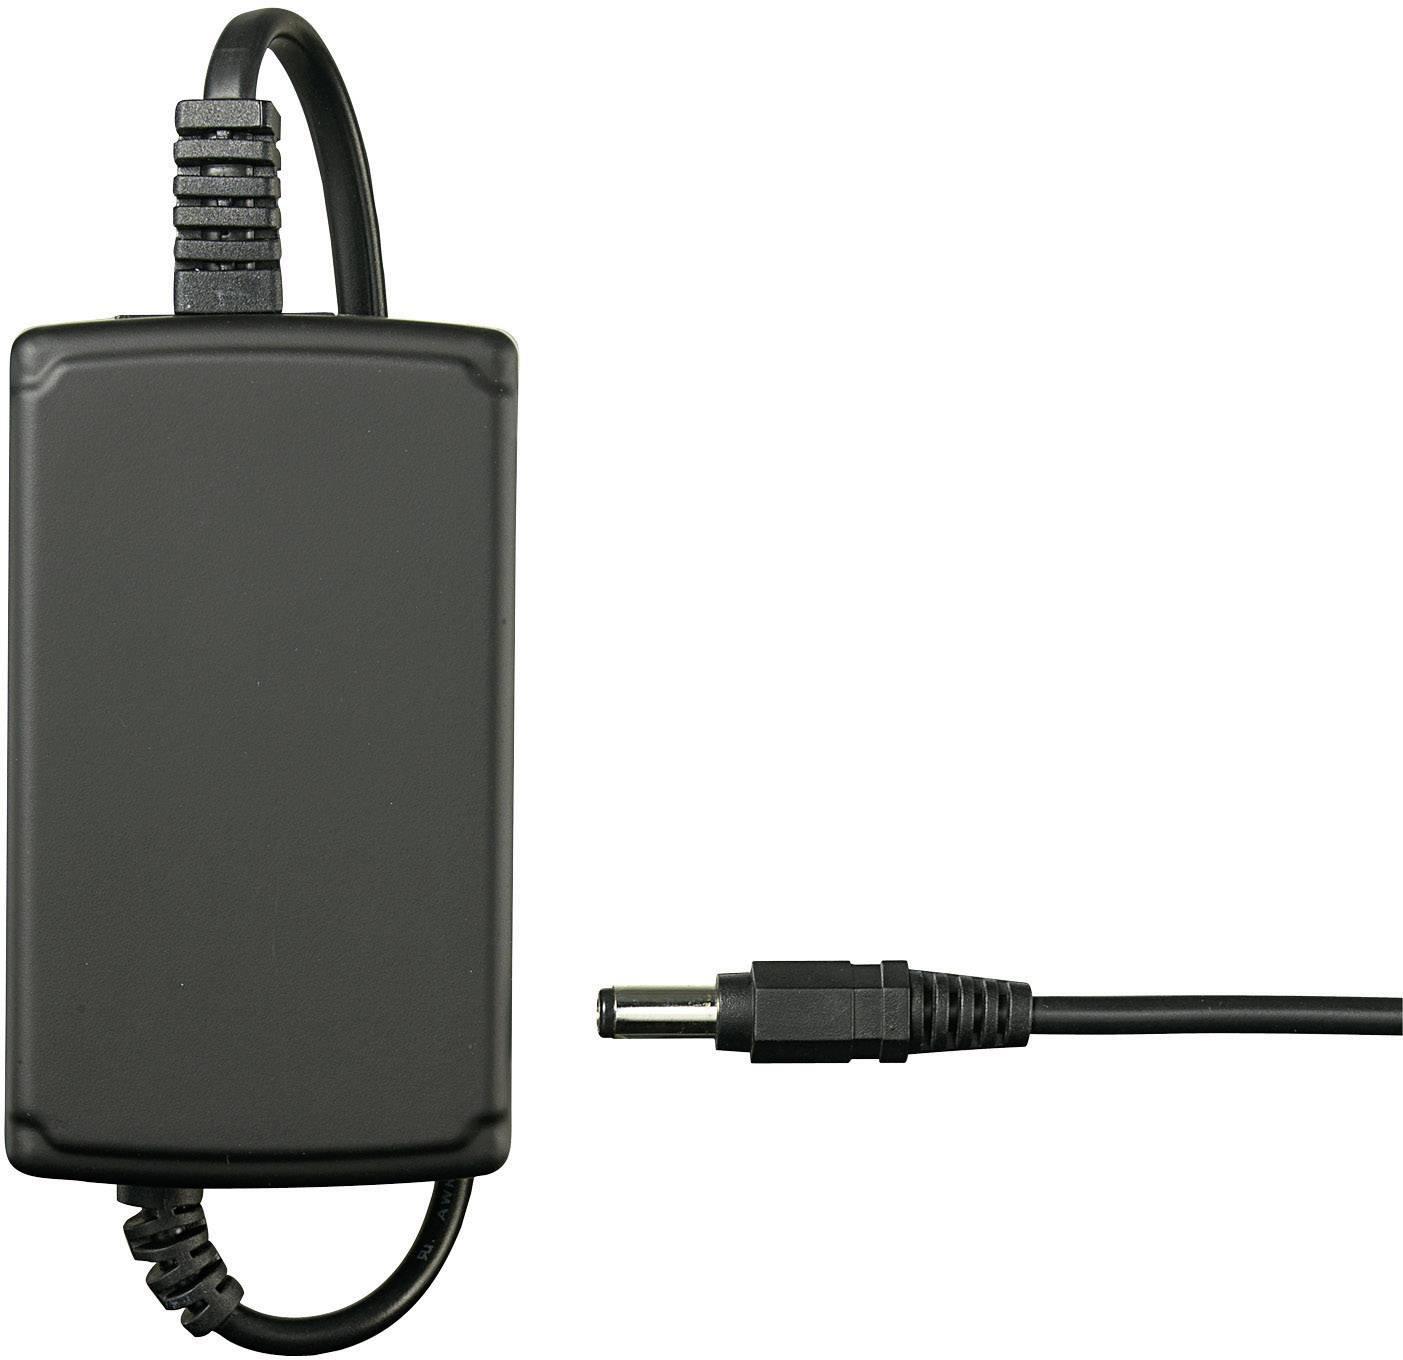 Síťový adaptér Voltcraft FTPS, 18 VDC, 27 W